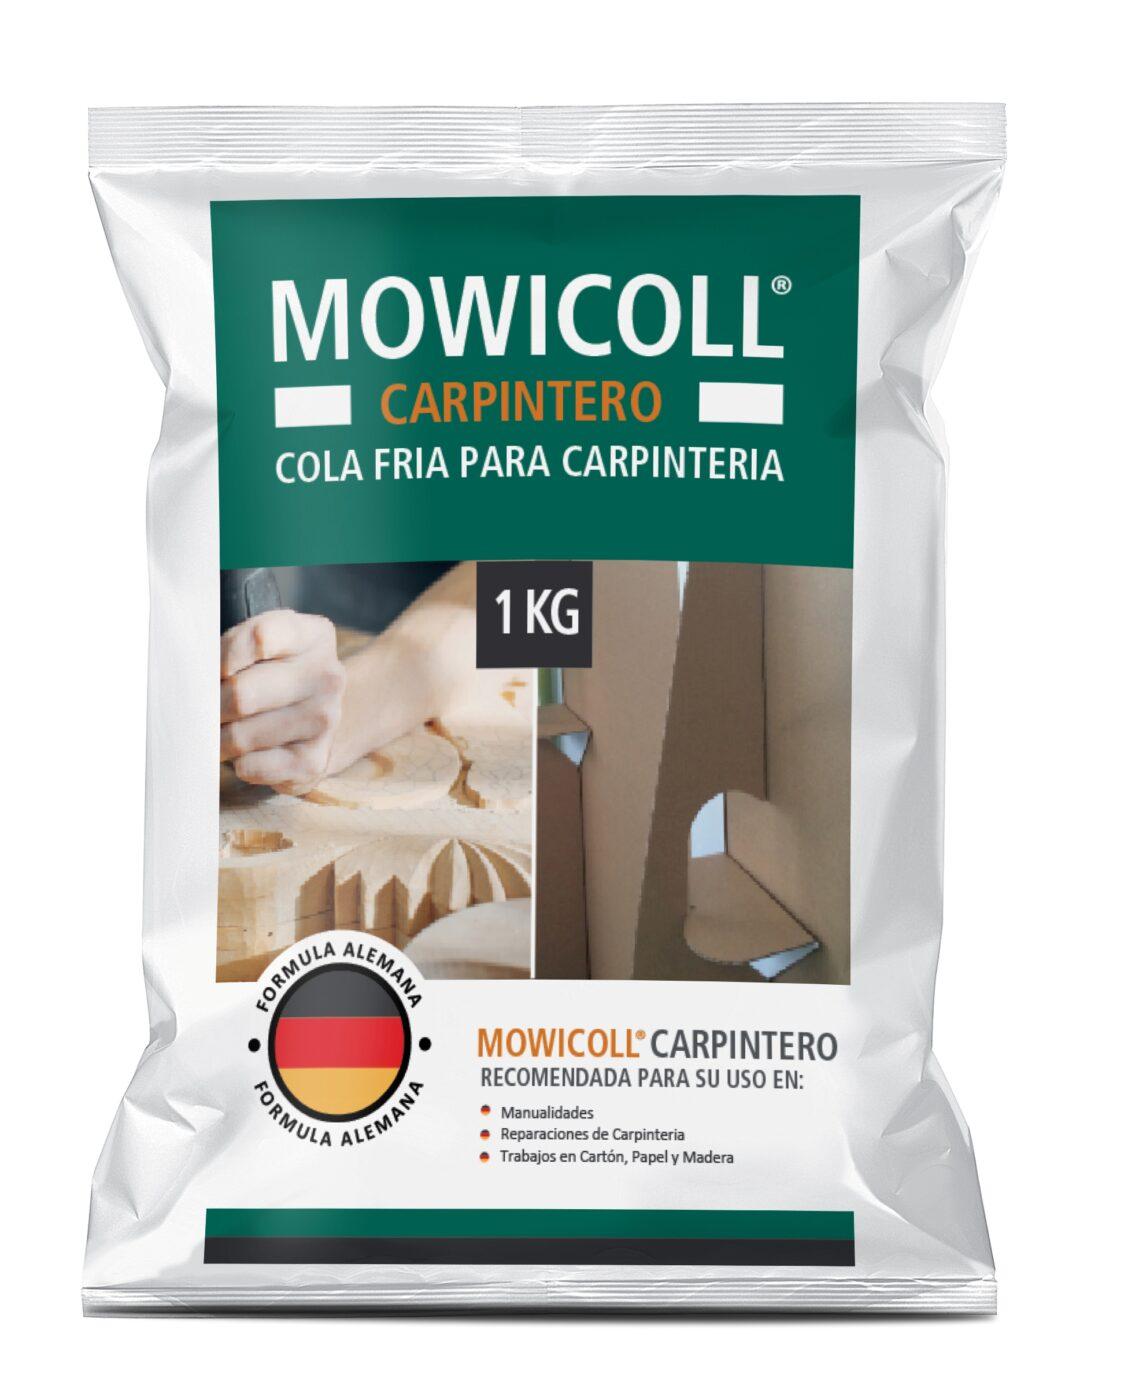 bolsa-mowicoll-carpintero